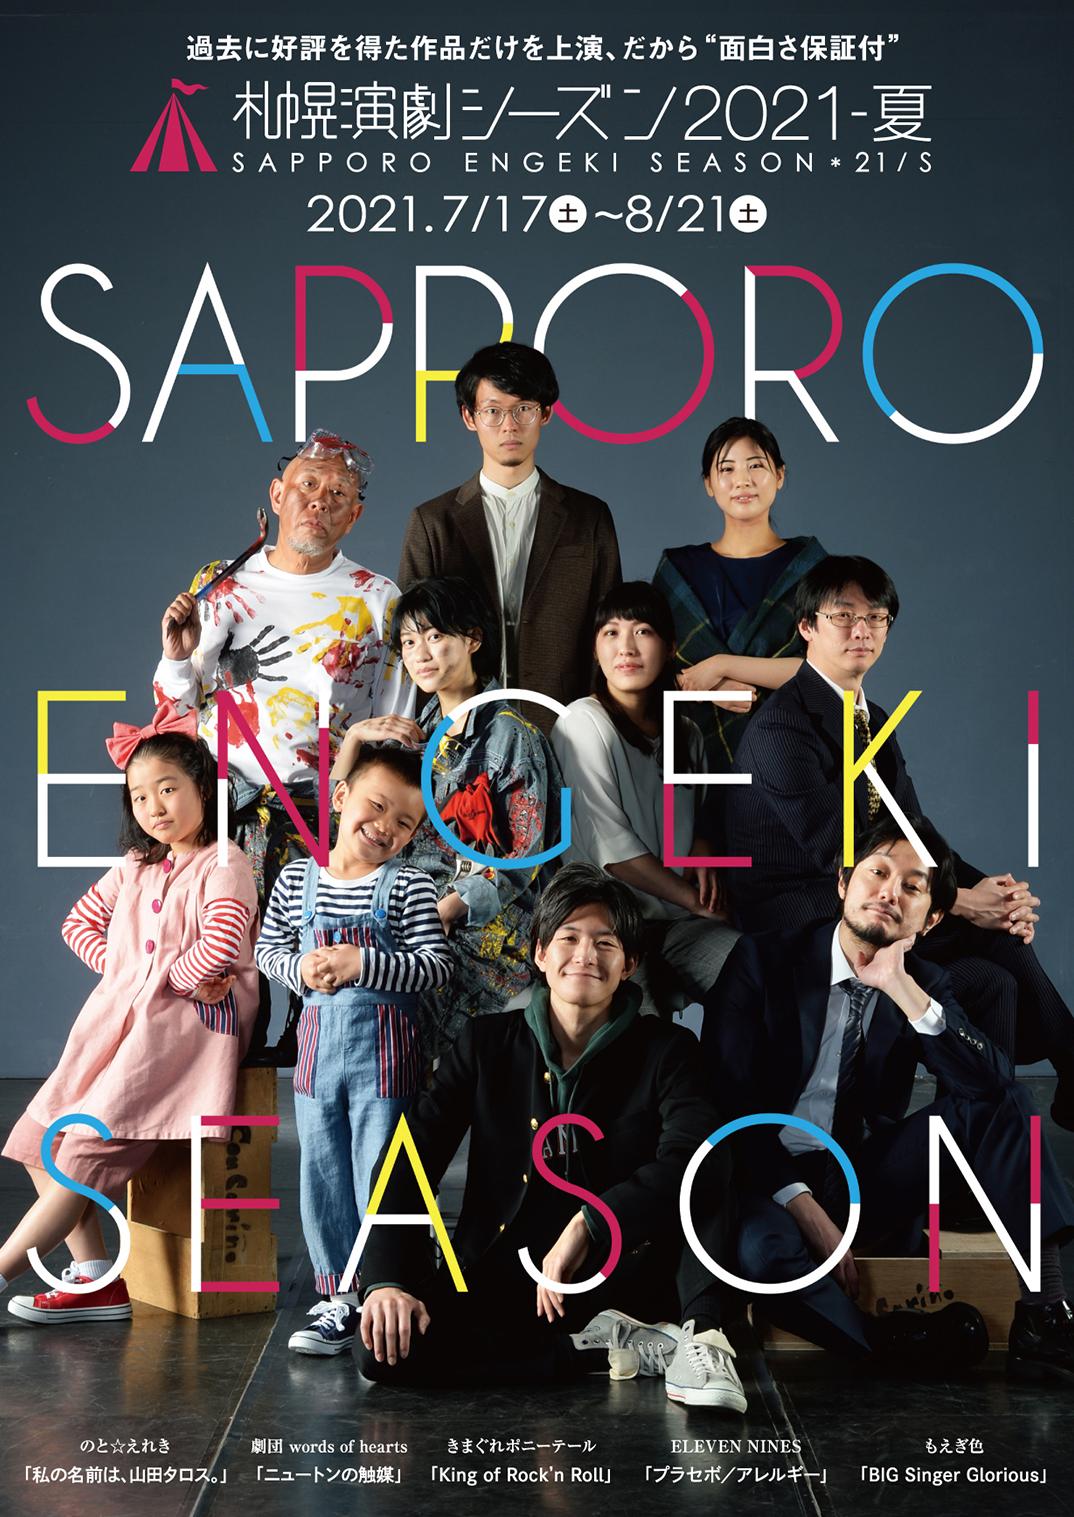 札幌演劇シーズン2021-夏 イメージ画像